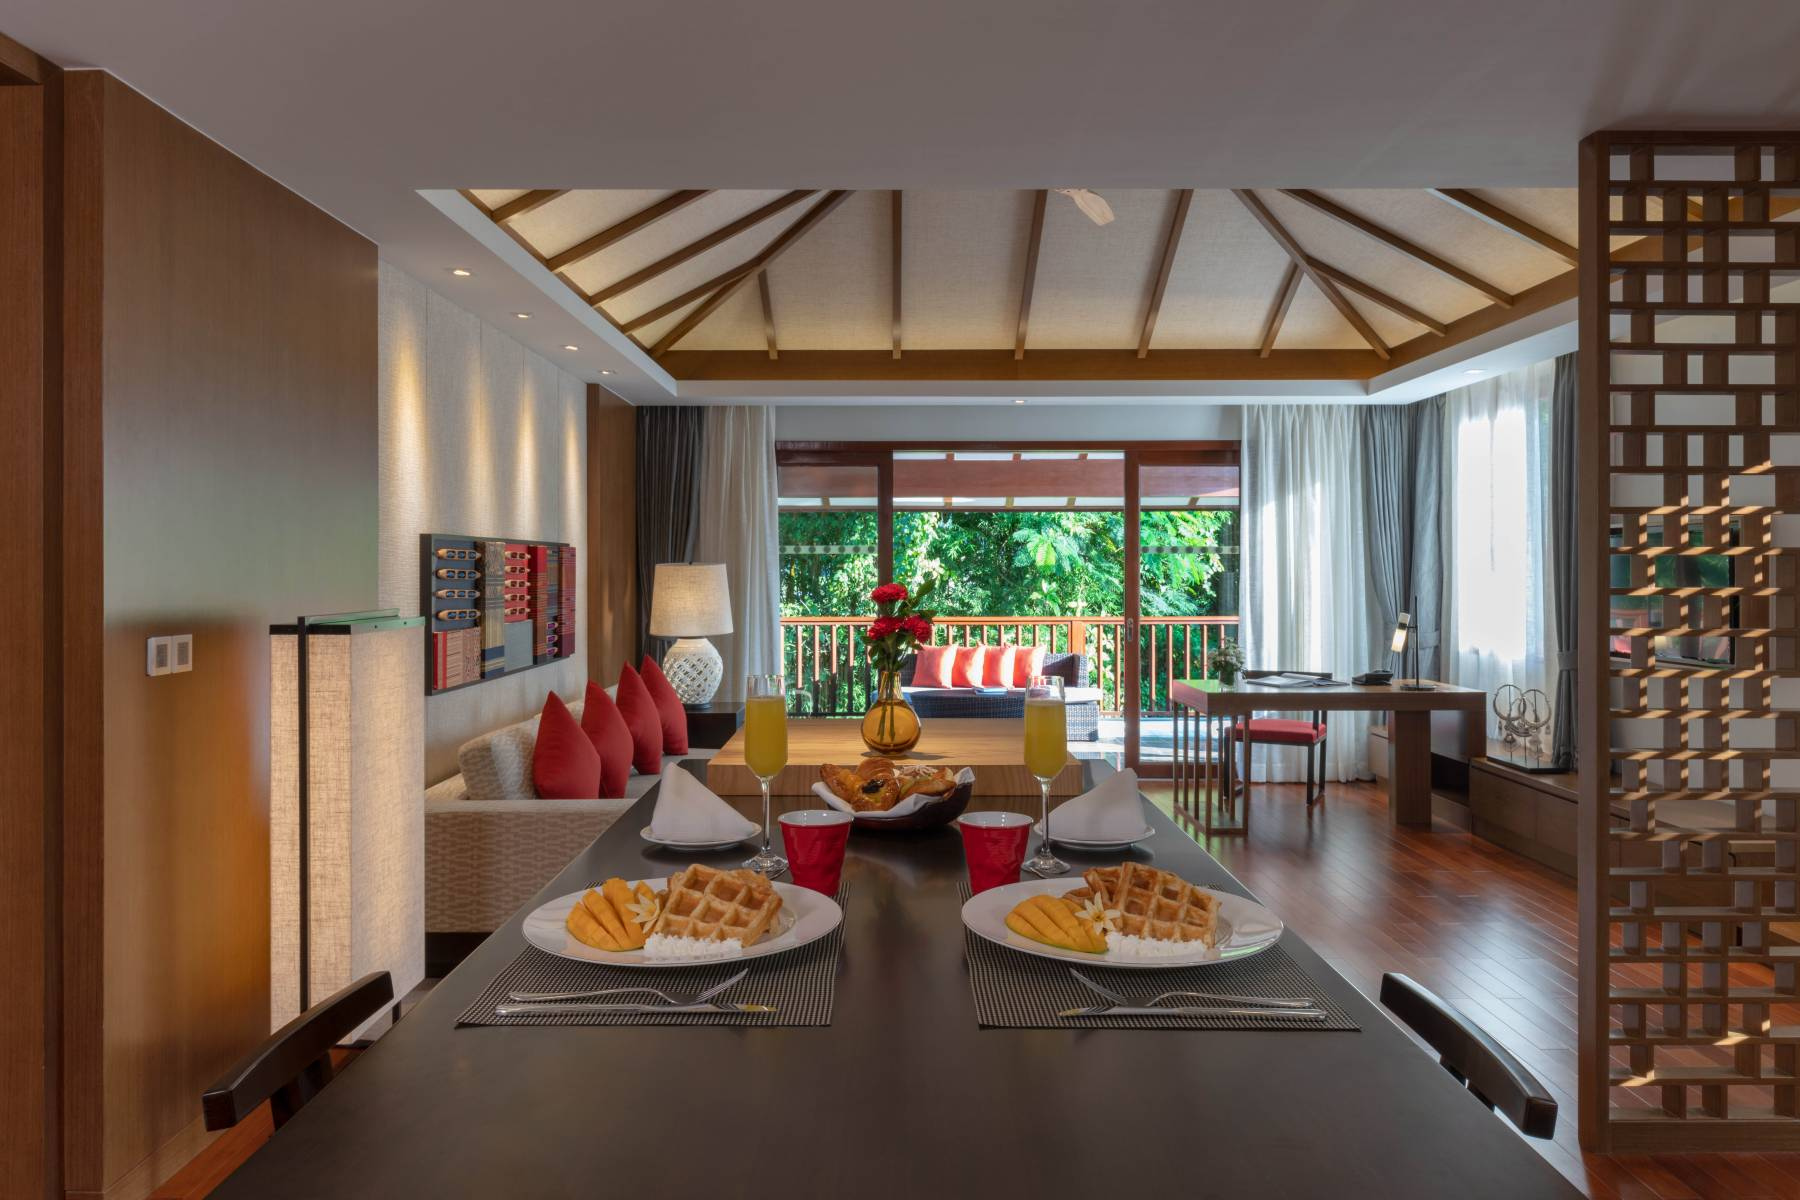 Breakfast in Premium Deluxe Suite at Pullman Luang Prabang Laos